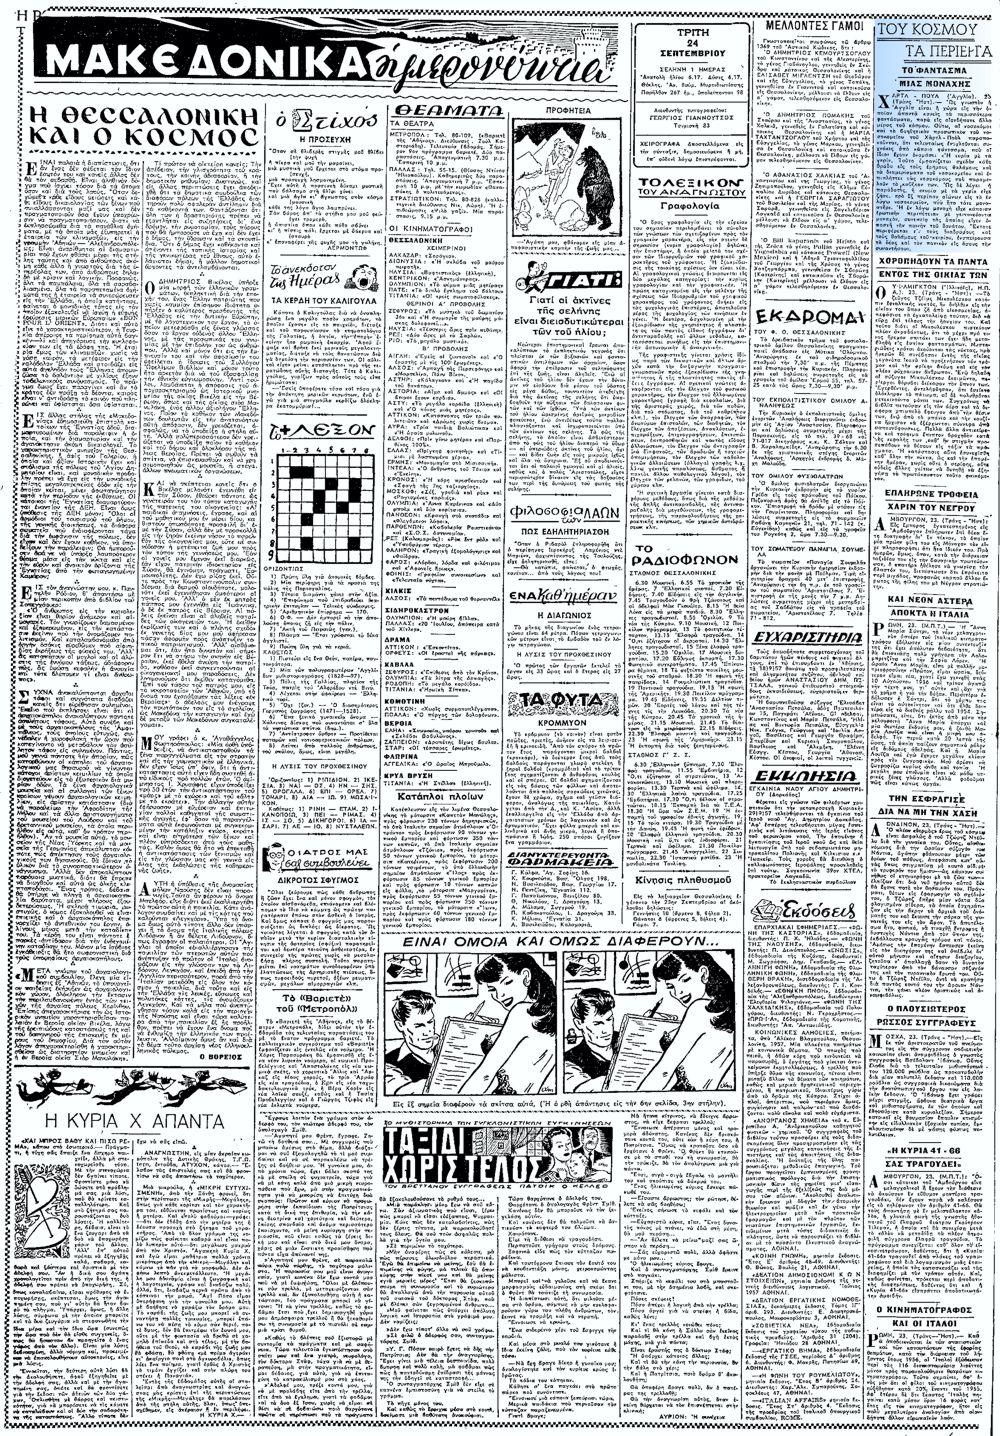 """Το άρθρο, όπως δημοσιεύθηκε στην εφημερίδα """"ΜΑΚΕΔΟΝΙΑ"""", στις 24/09/1957"""